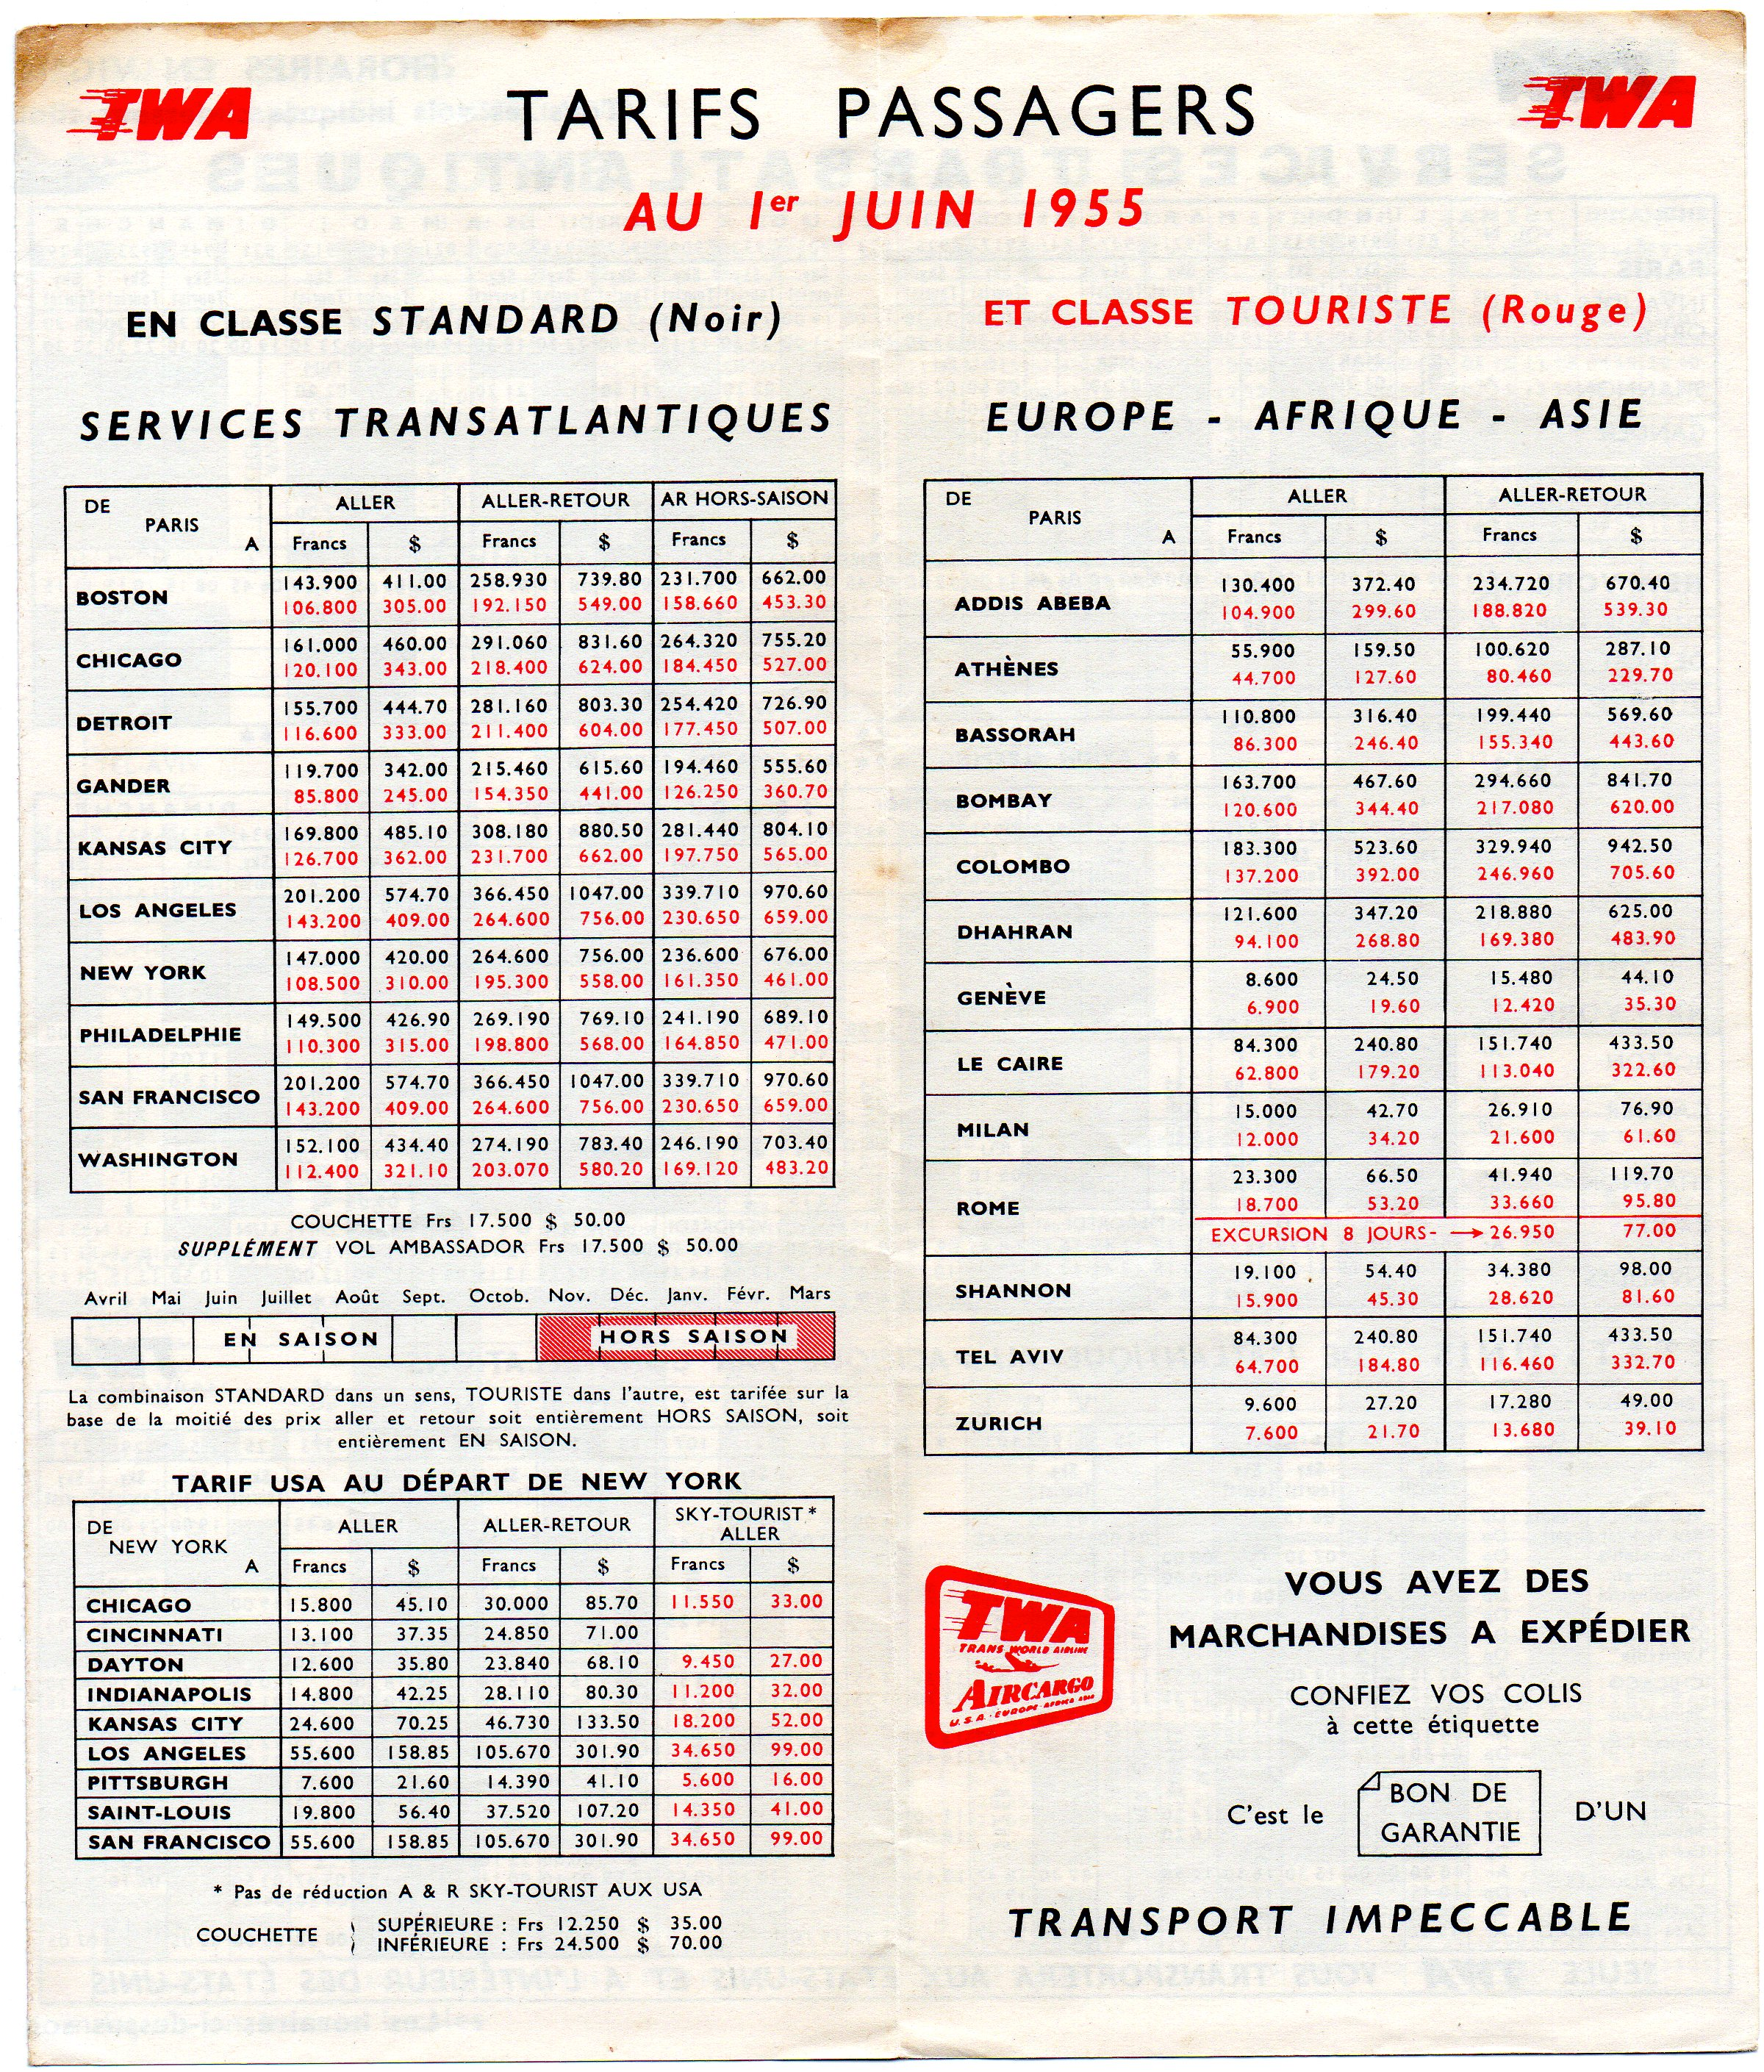 twa 1955 3